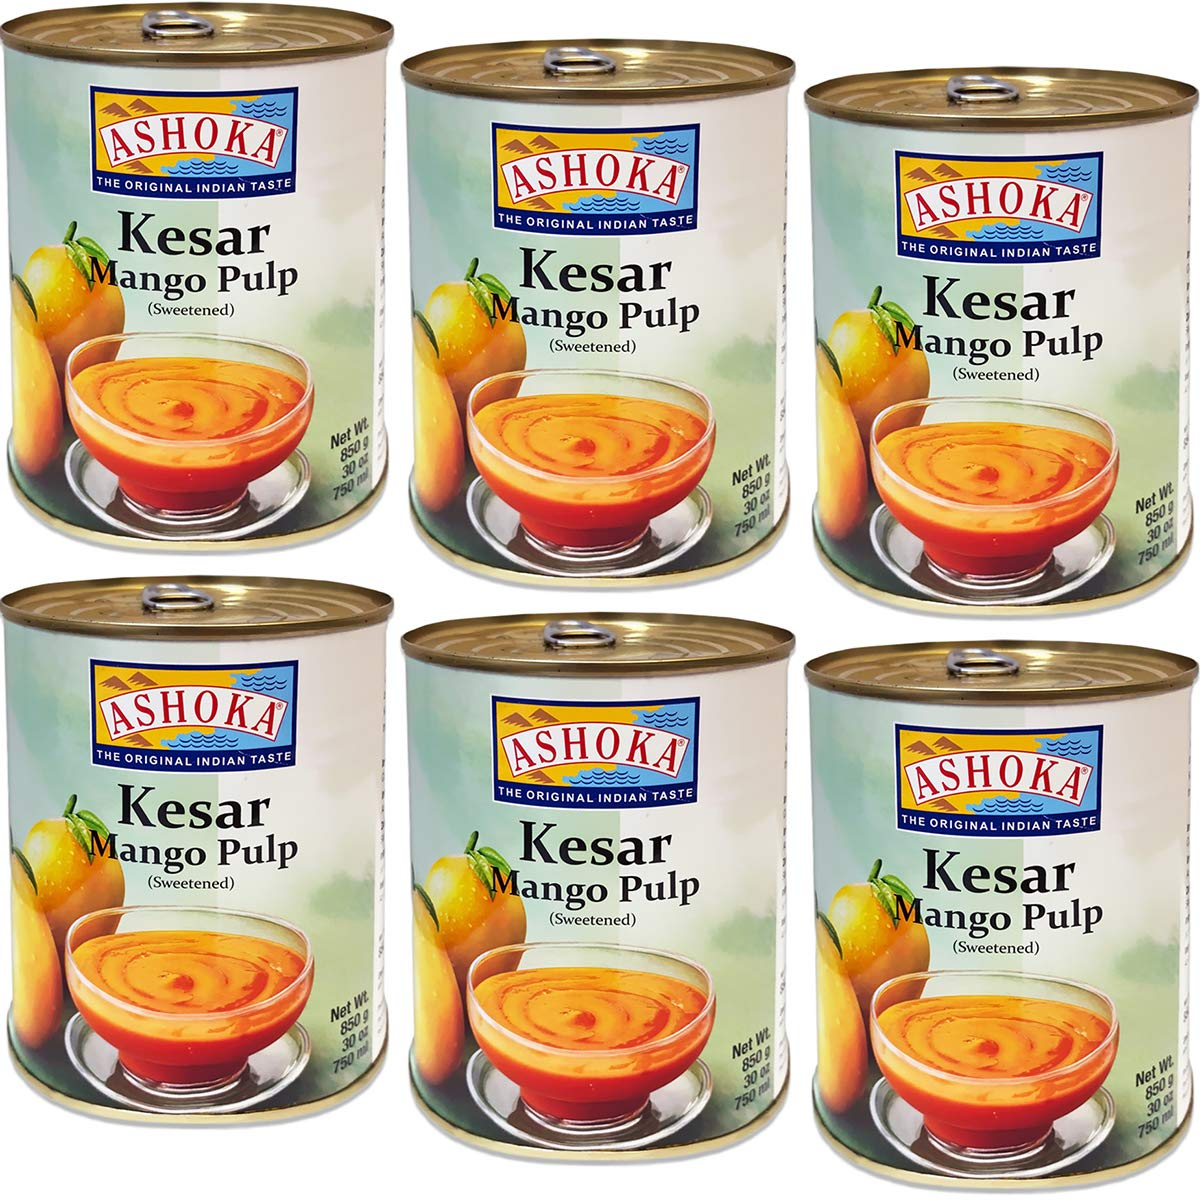 Ashoka - Kesar Mango Pulp (Pack of 6), 30oz x 6